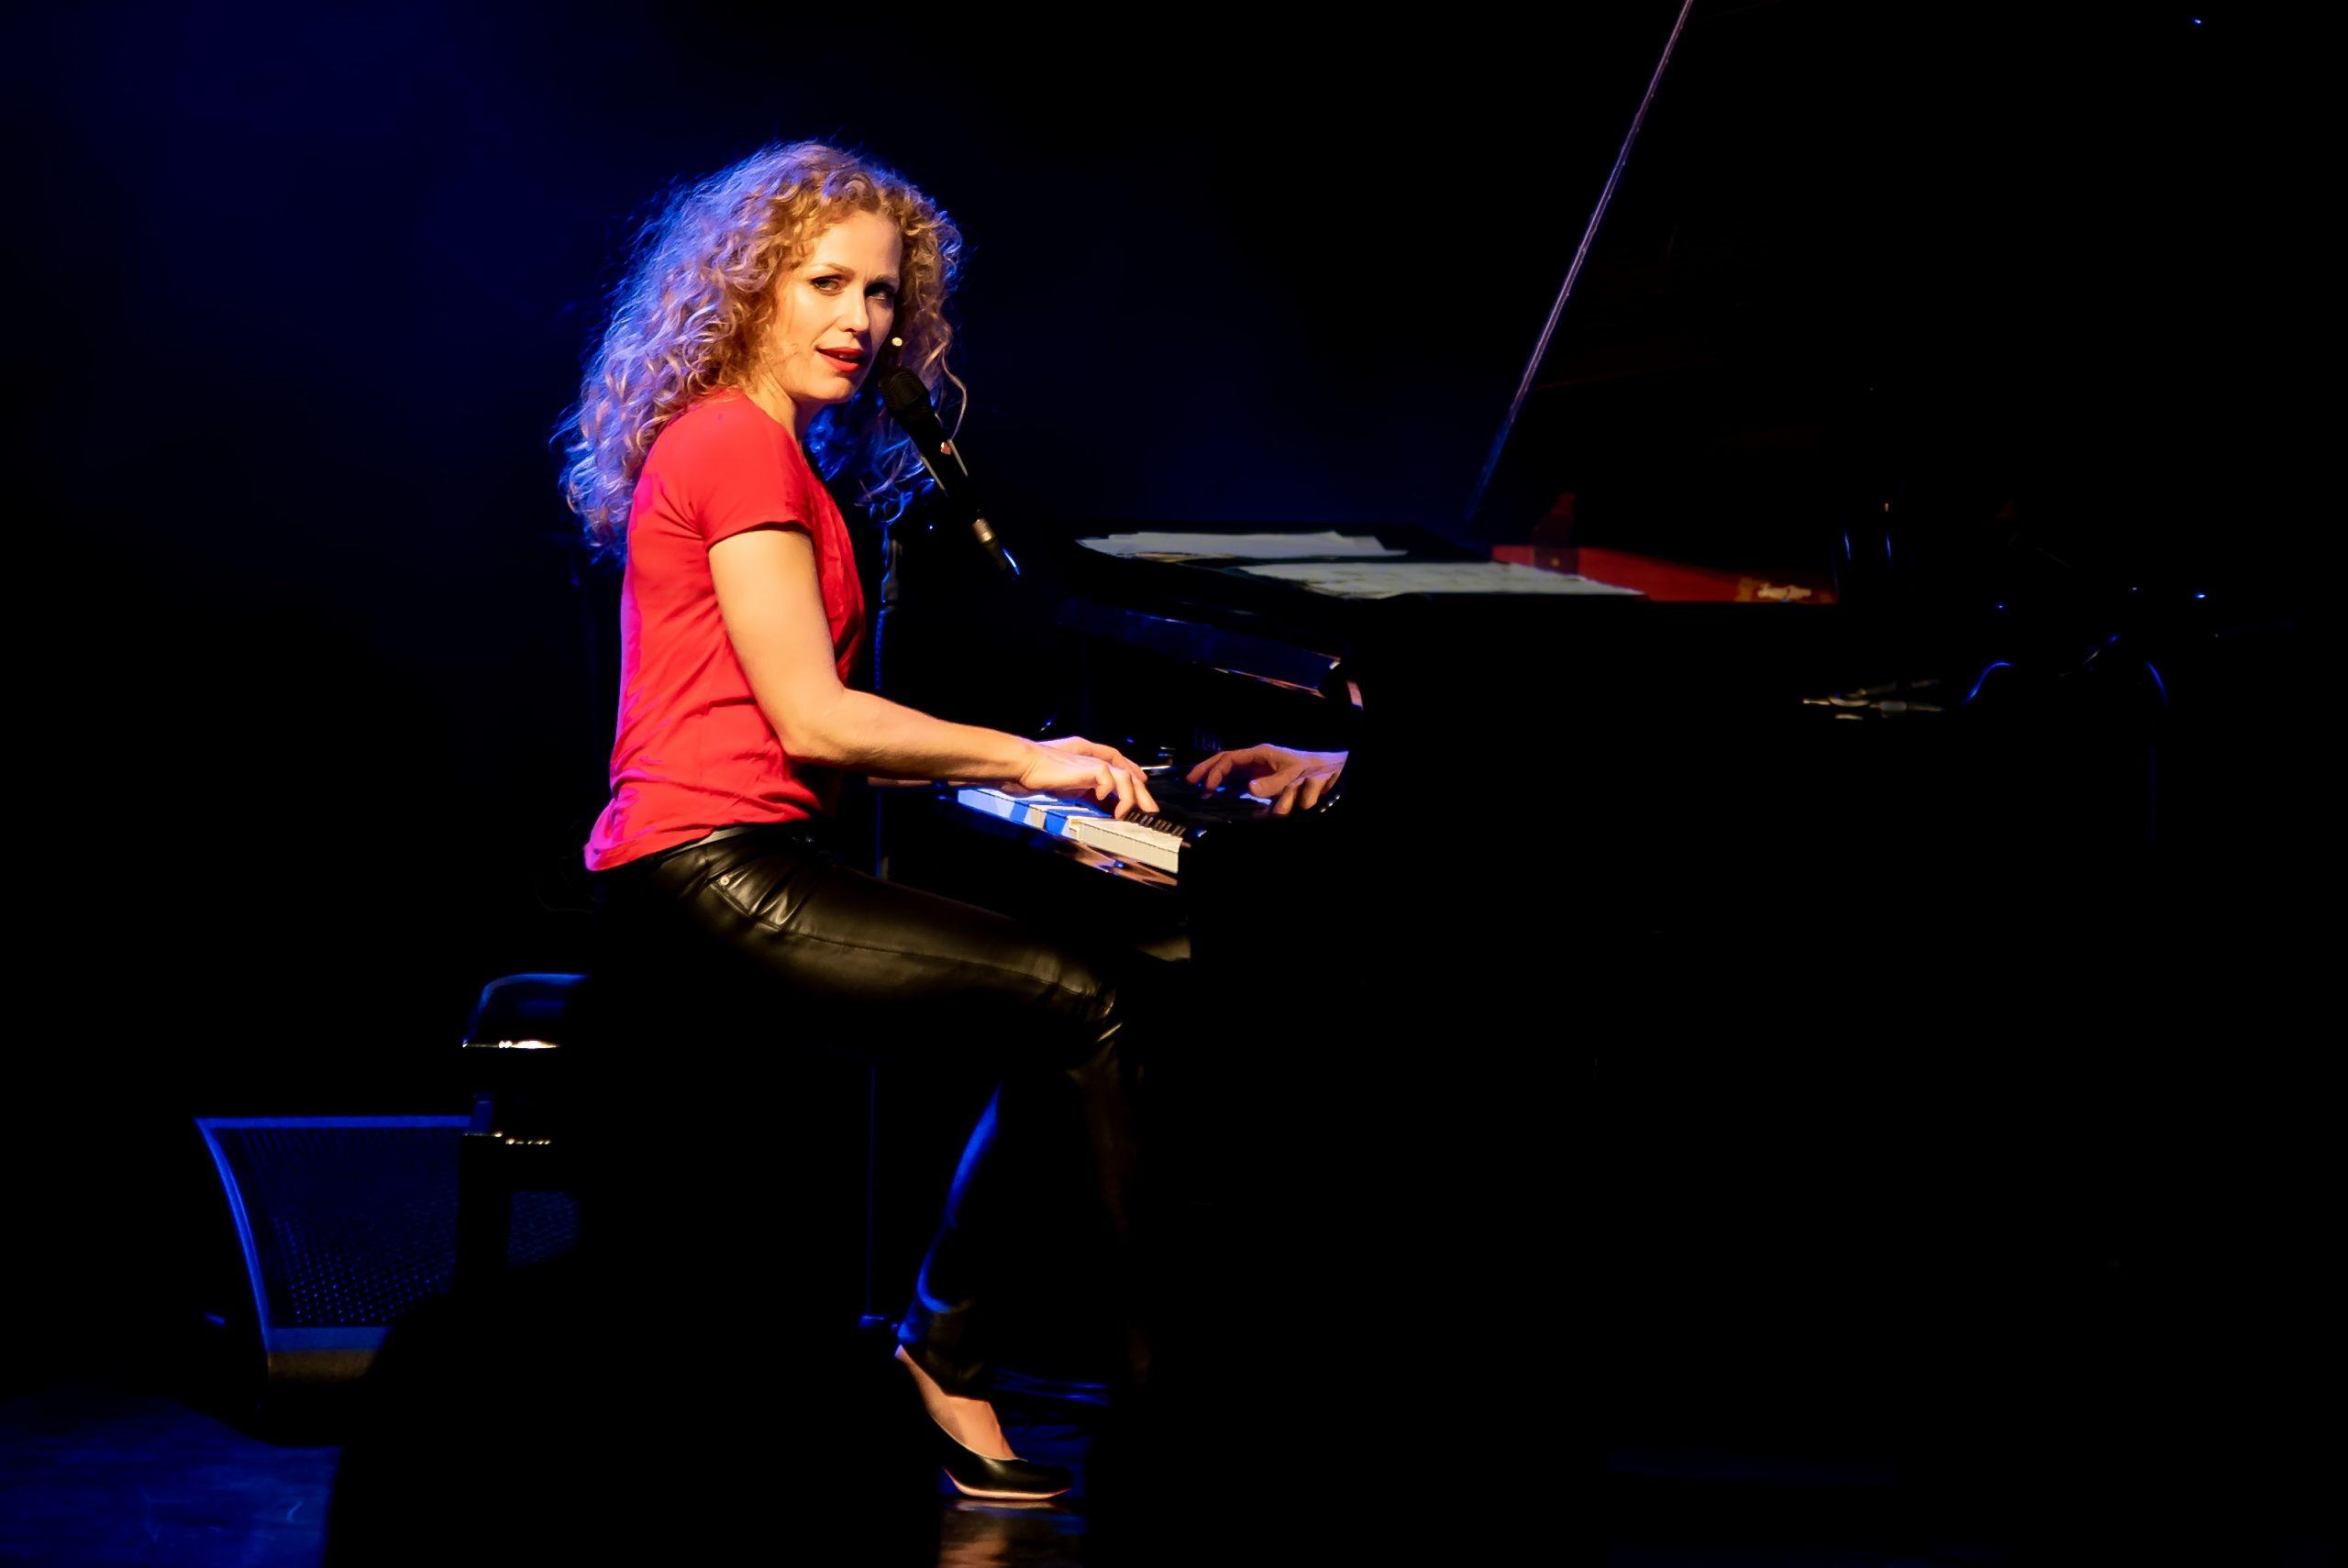 Caroline Bungeroth auf der Bühne am Flügel